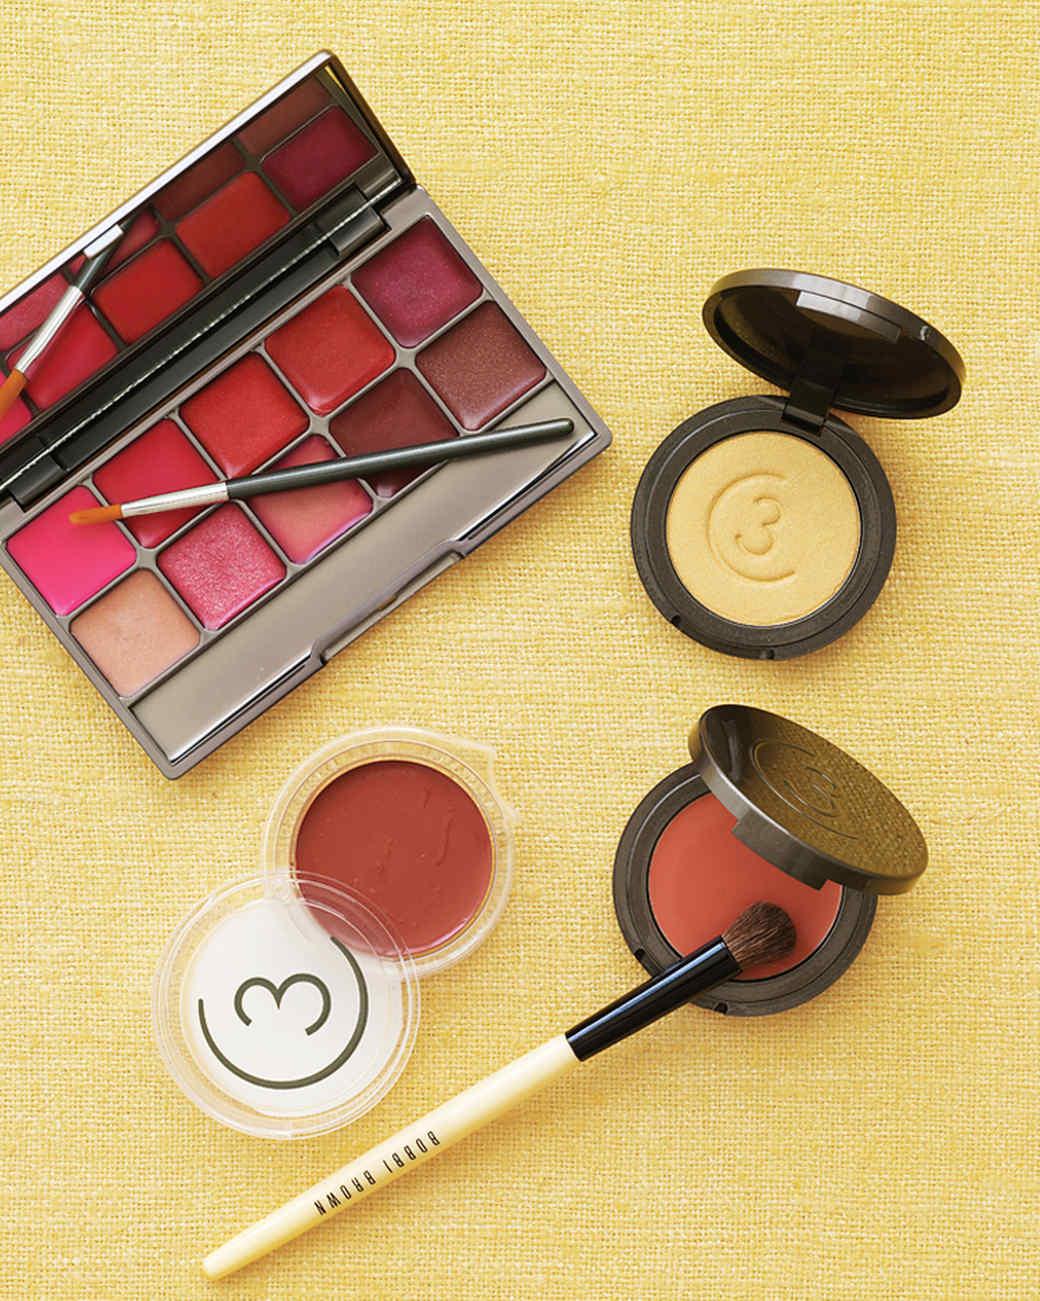 mwd104251_win09_makeup.jpg